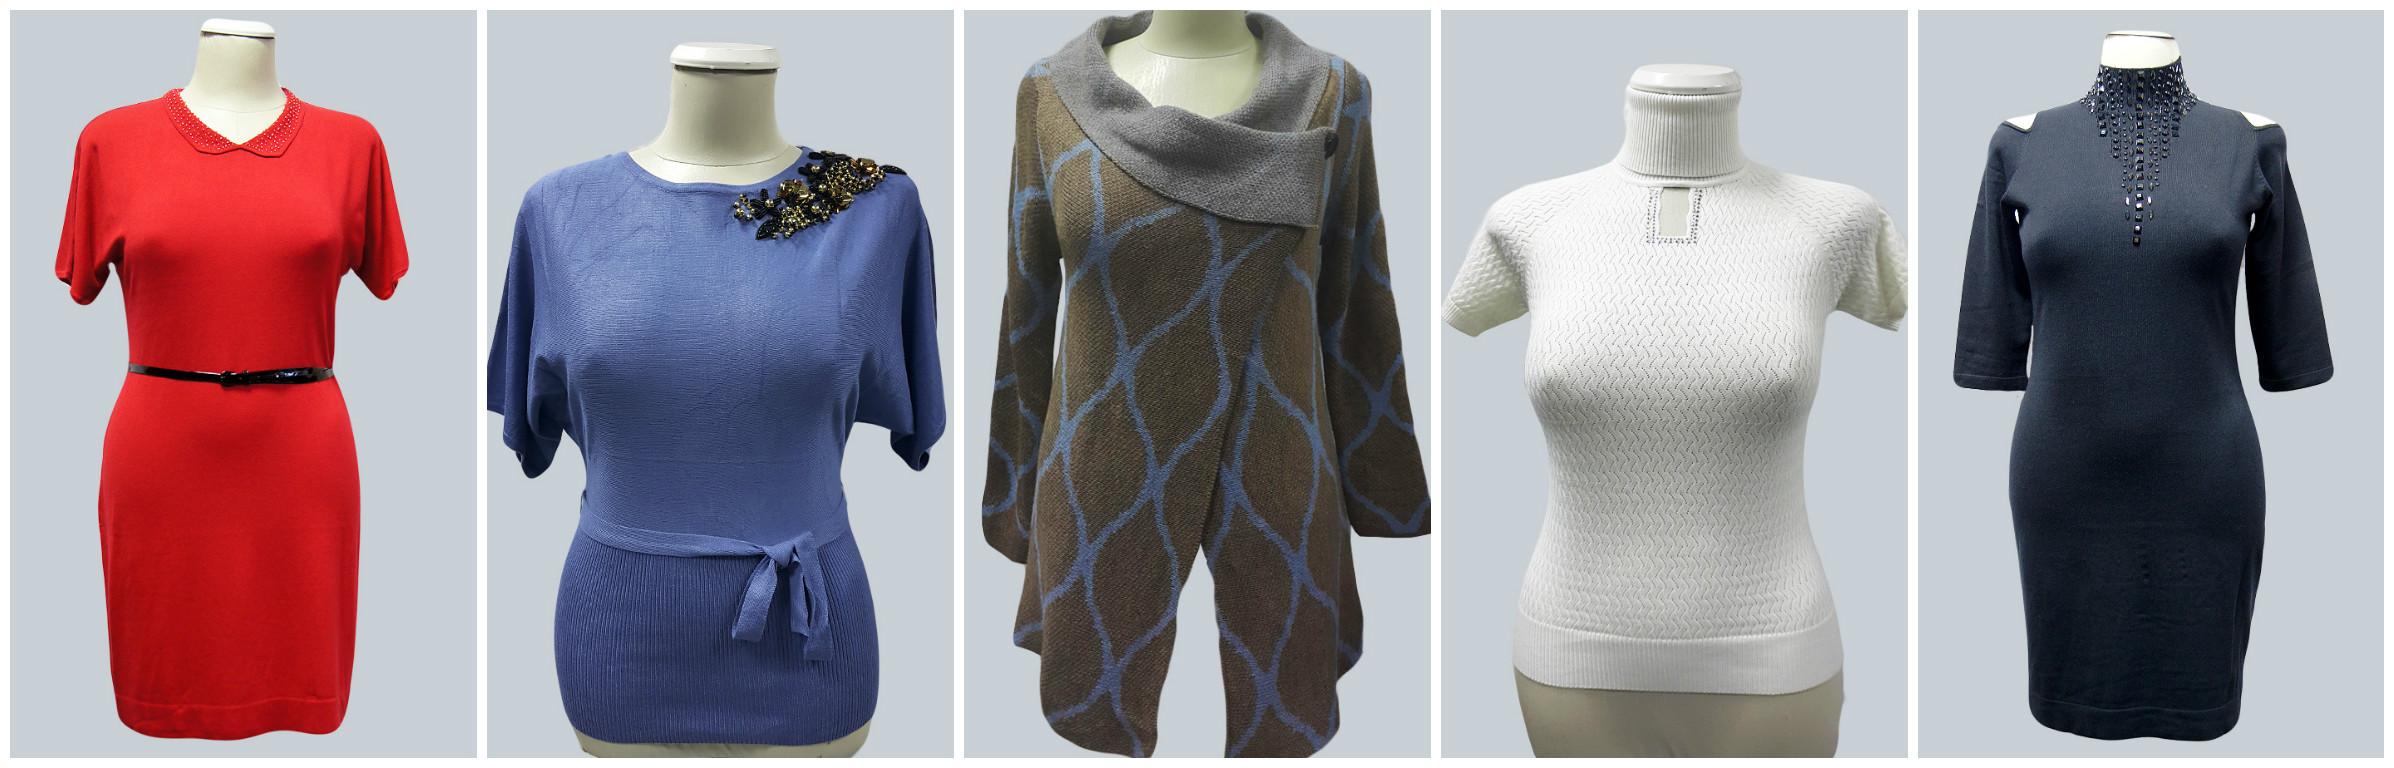 Сбор заказов. Женский вязаный трикотаж из высококачественной мериносной шерсти .Есть распродажа. Джемпера жакеты, жилеты , туники и платья ! Размеры 44-70.Выкуп 4